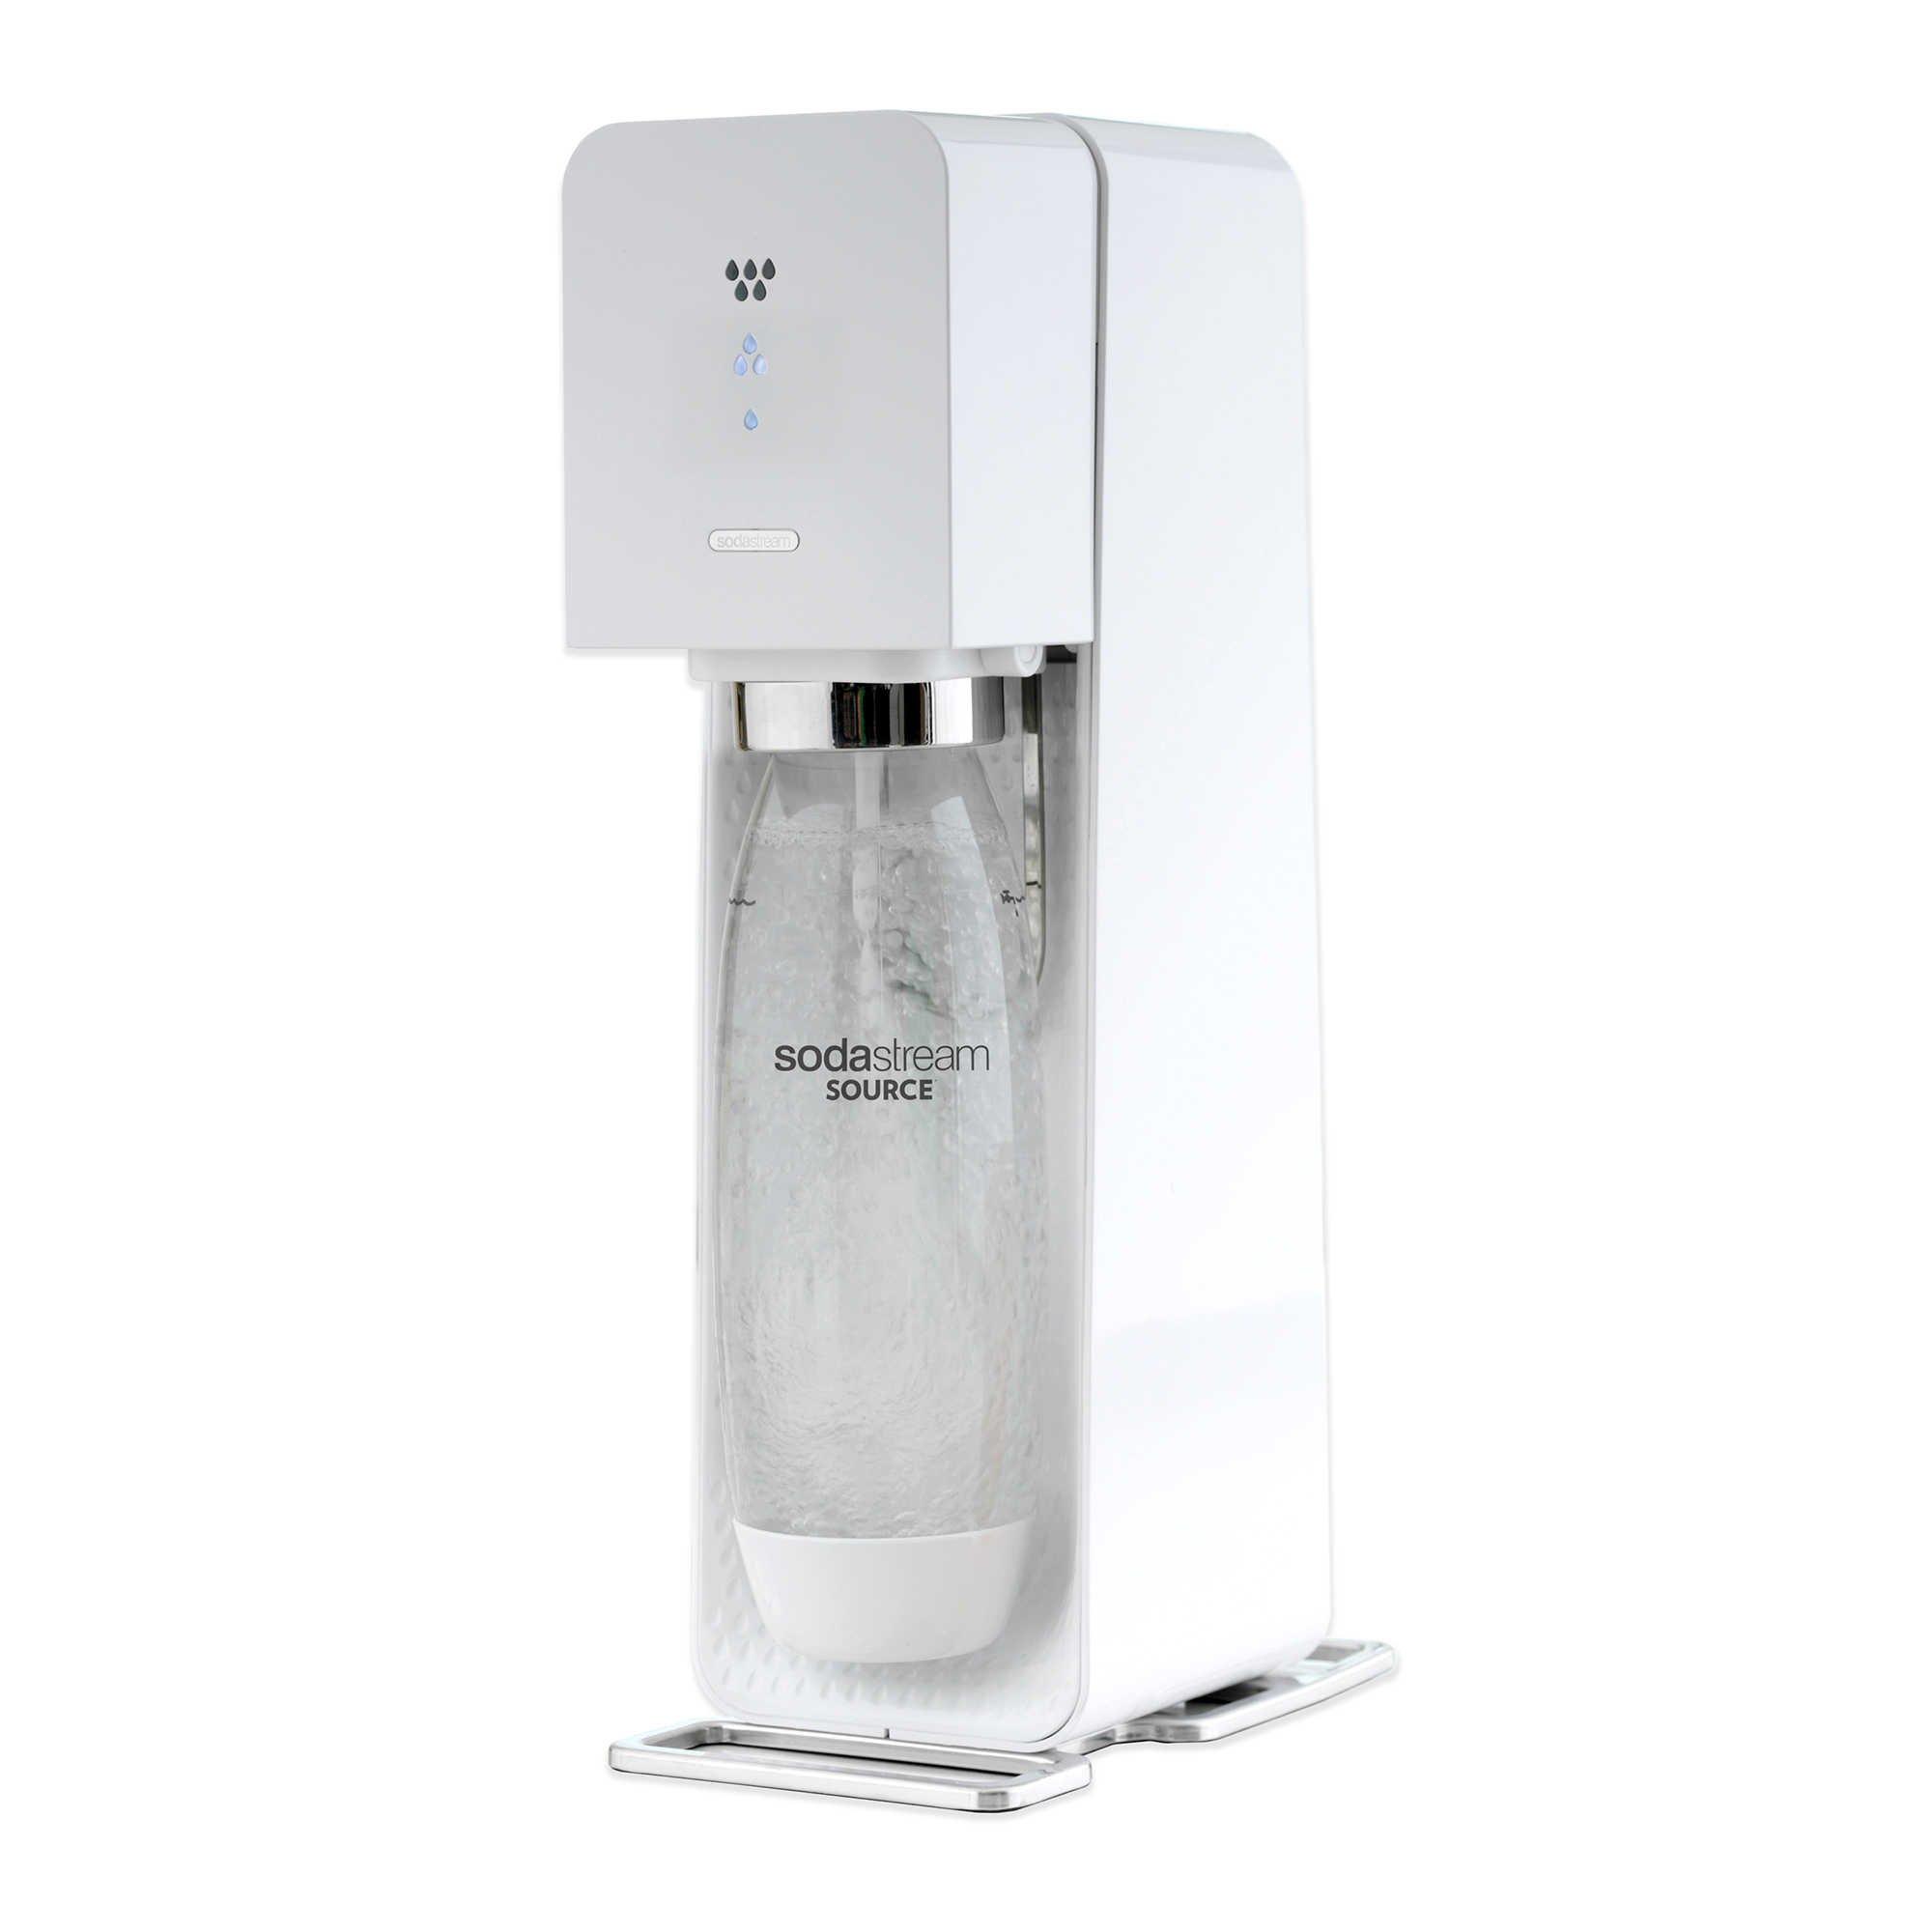 Soda Stream 1019511014 Source White Soda Maker